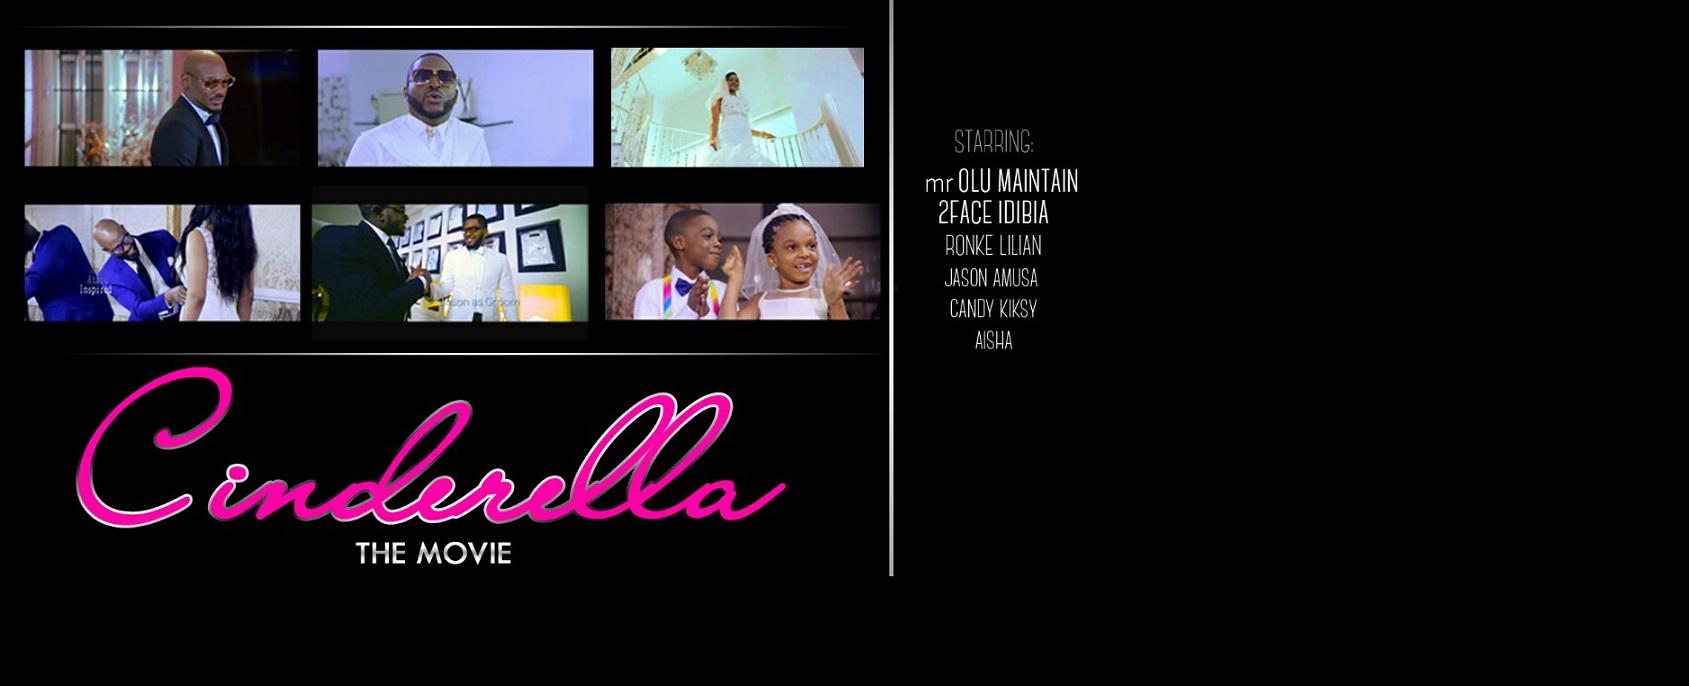 Olu Maintain 2face Cinderella Video